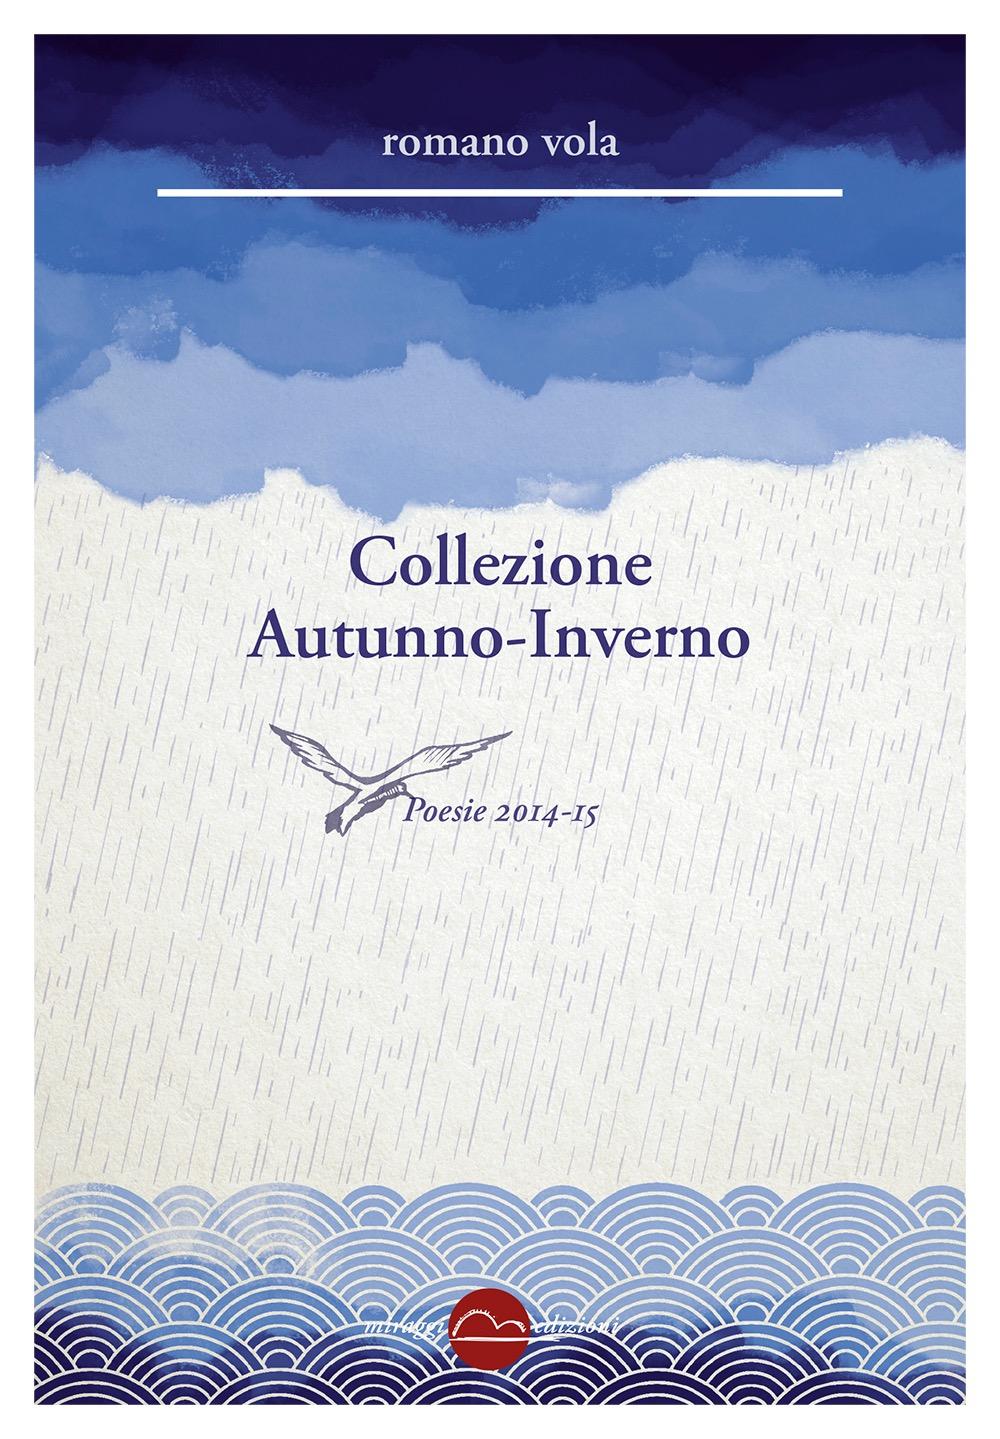 collezioneautunno-inverno-1595424411.jpg